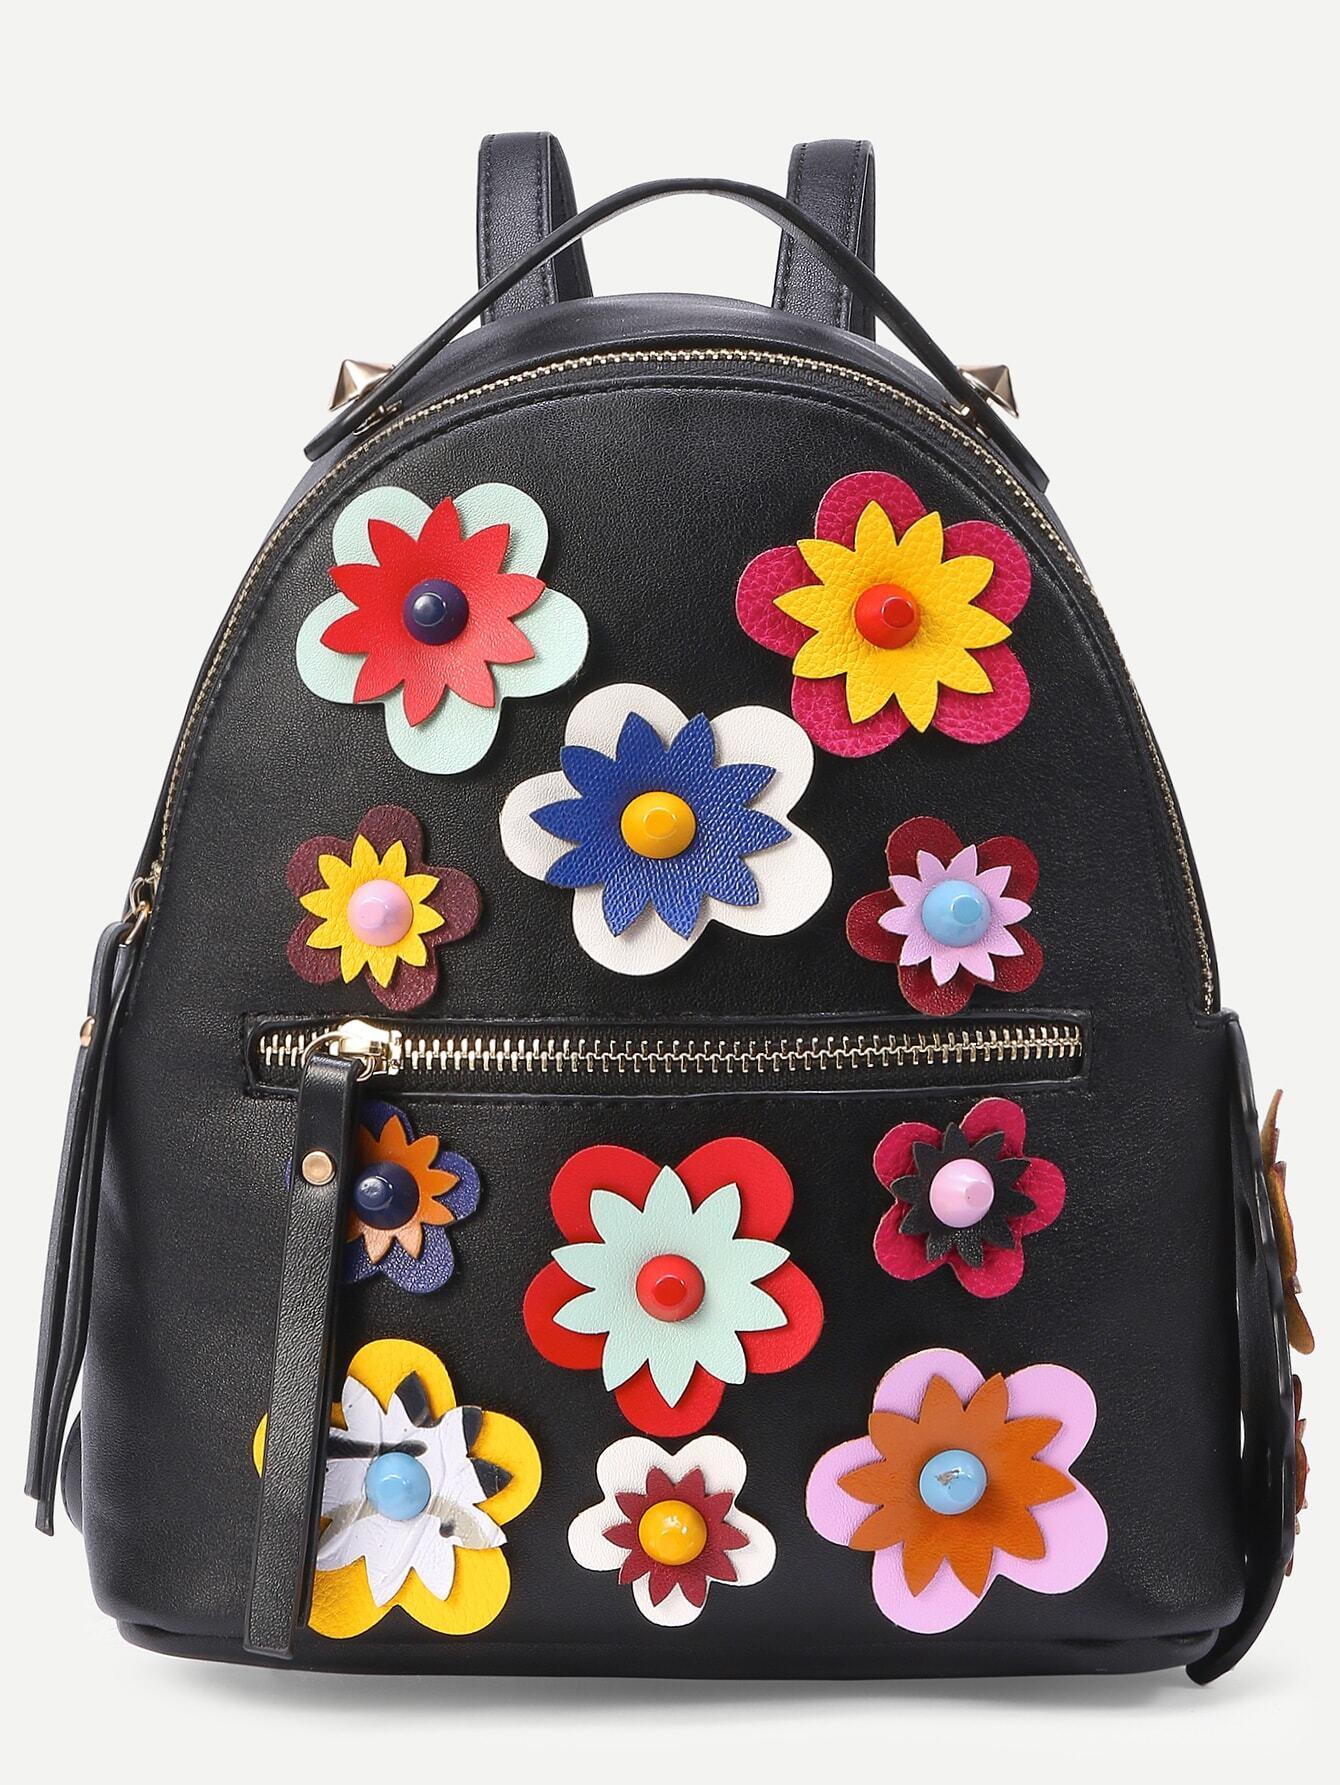 Украшения для рюкзака своими руками из